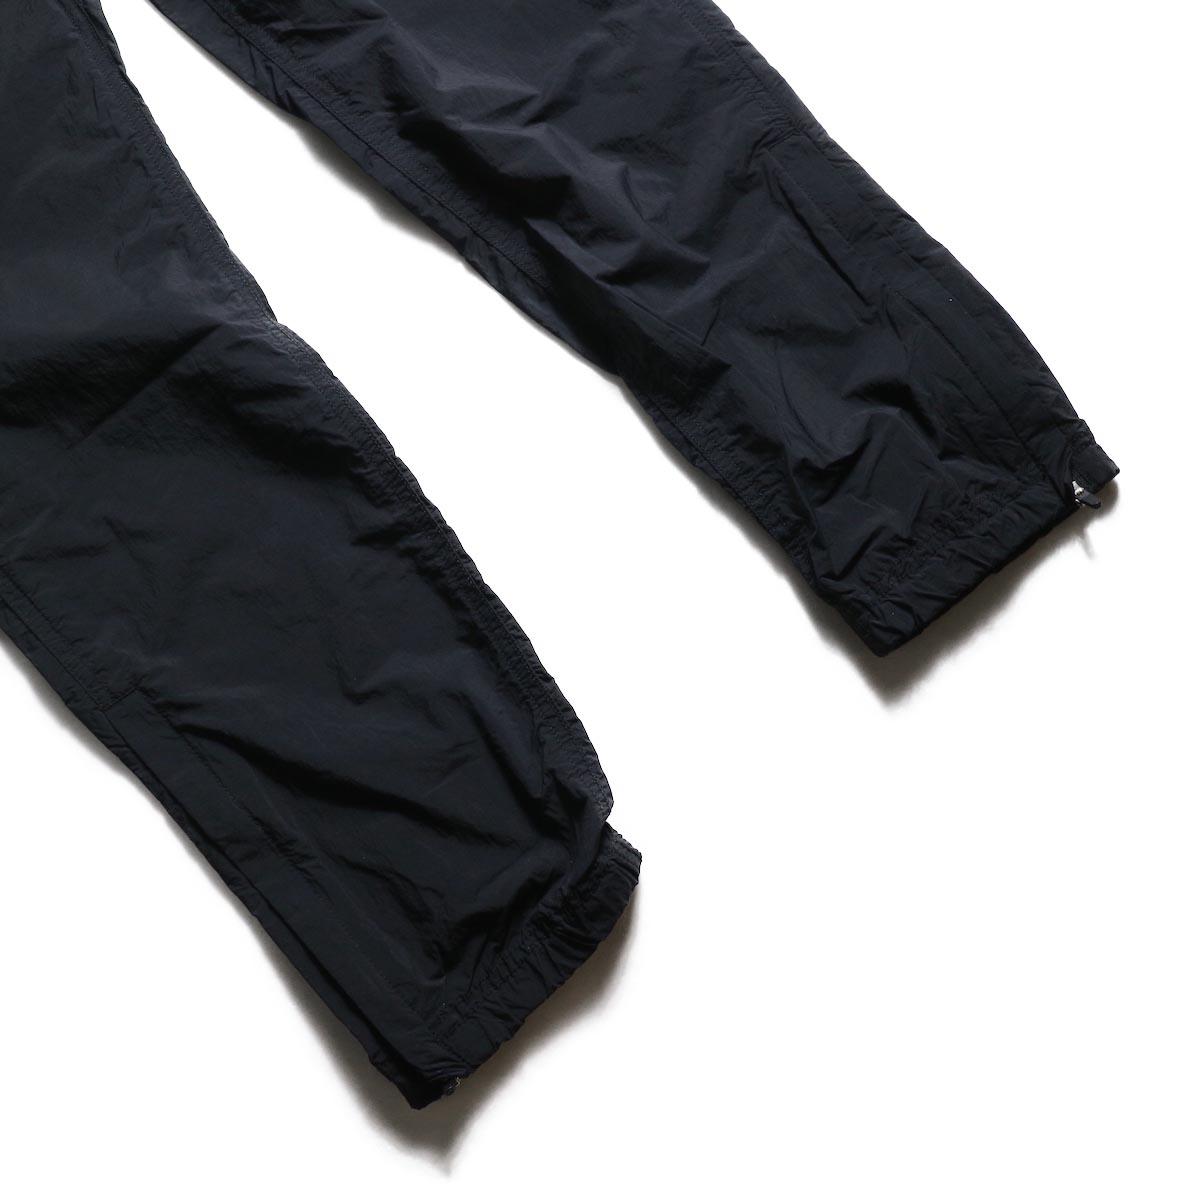 GRAMICCI / Packable Truck Pants (Black) 裾